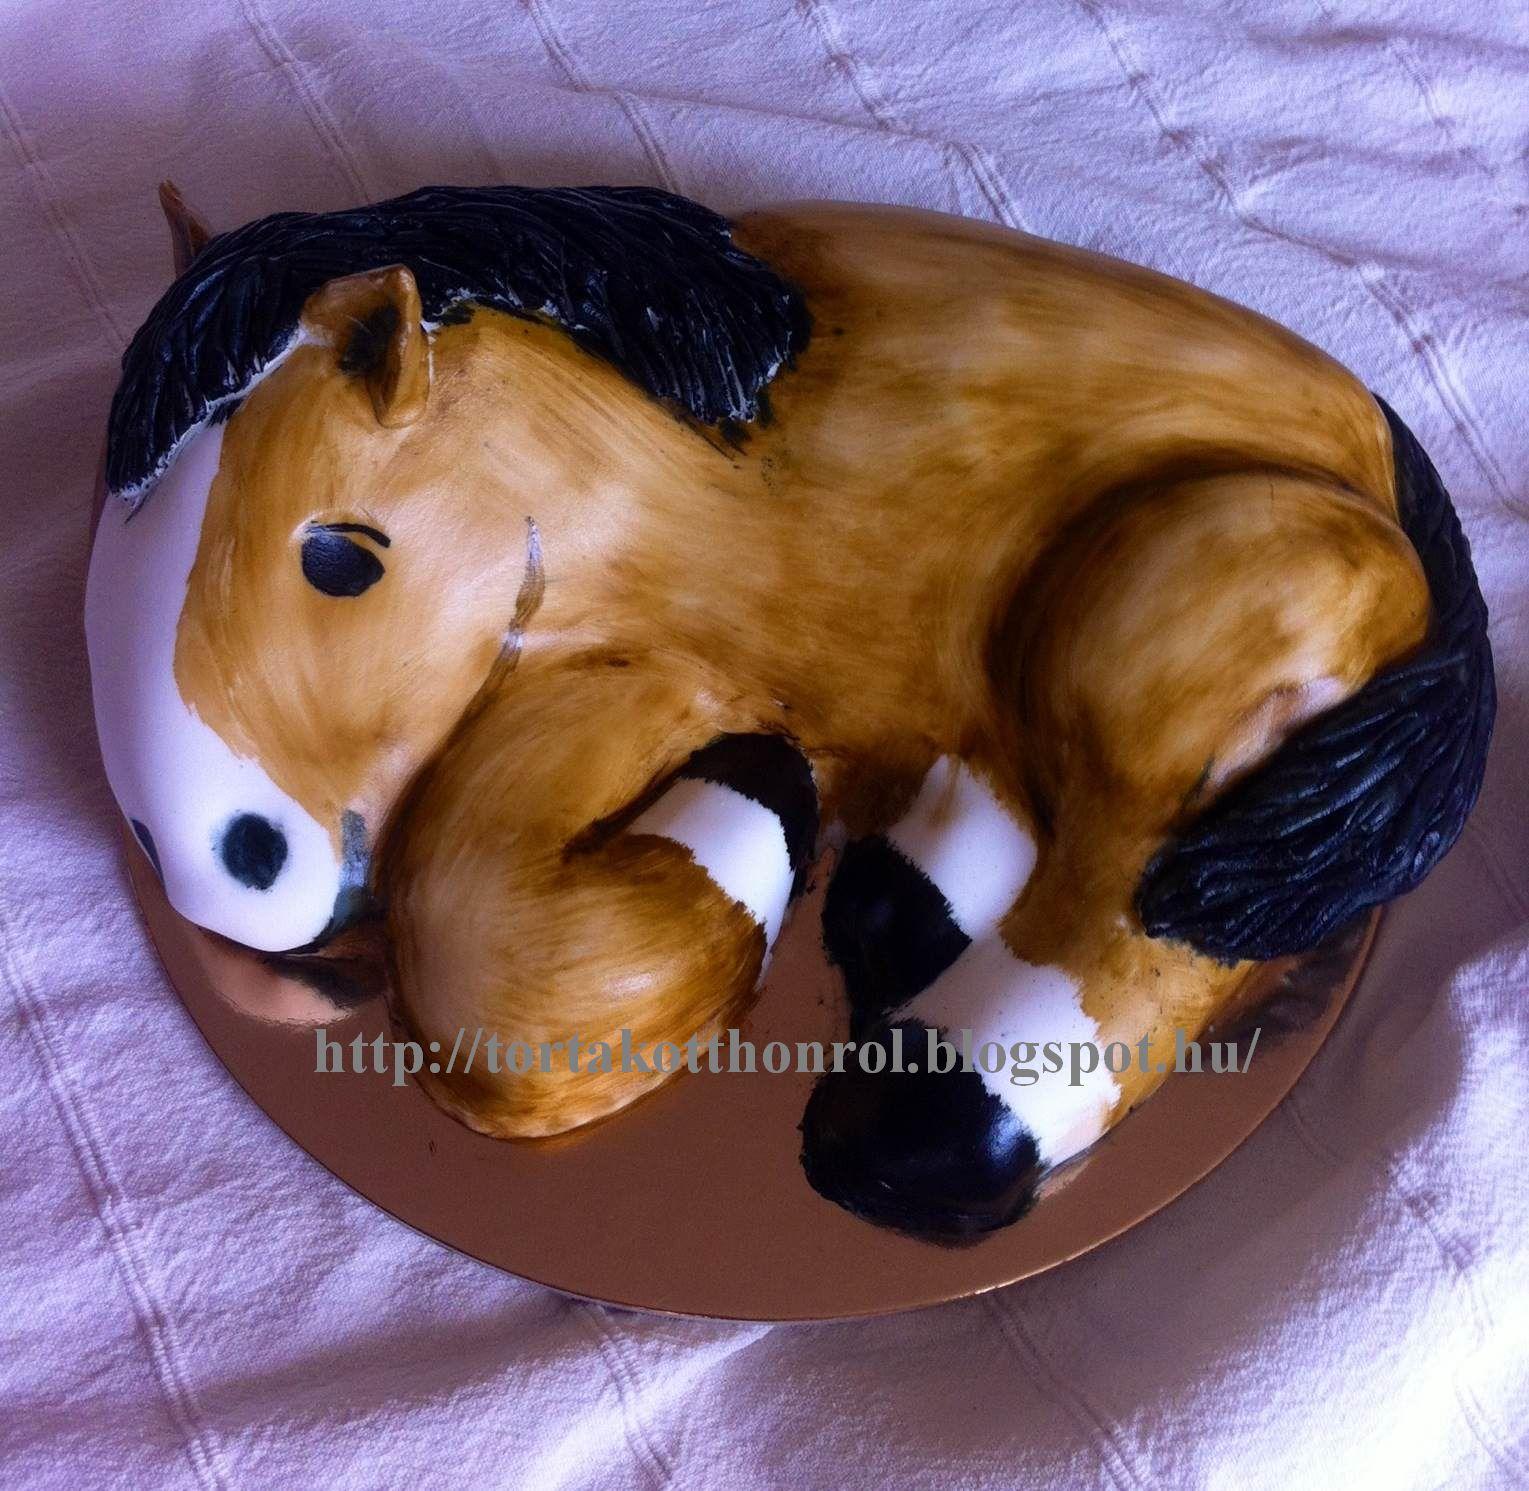 ló torta képek Torták otthonról ló torta képek